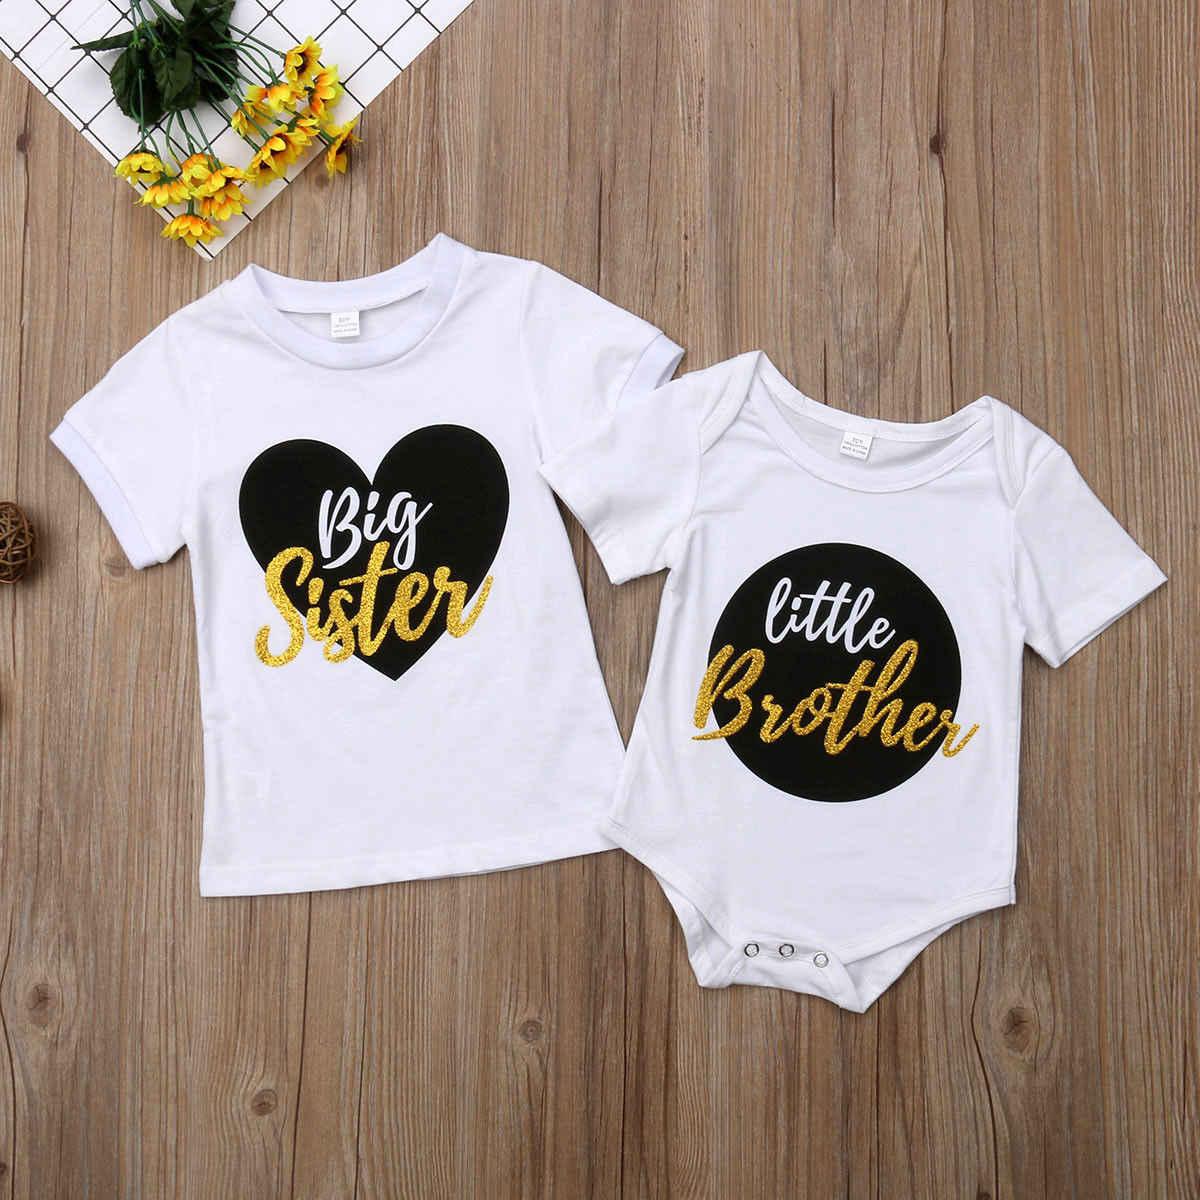 Ropa a juego de la familia niños Big Sister Little Brother conjuntos de juego bebé niños mamelucos niñas camiseta hija ropa de familia